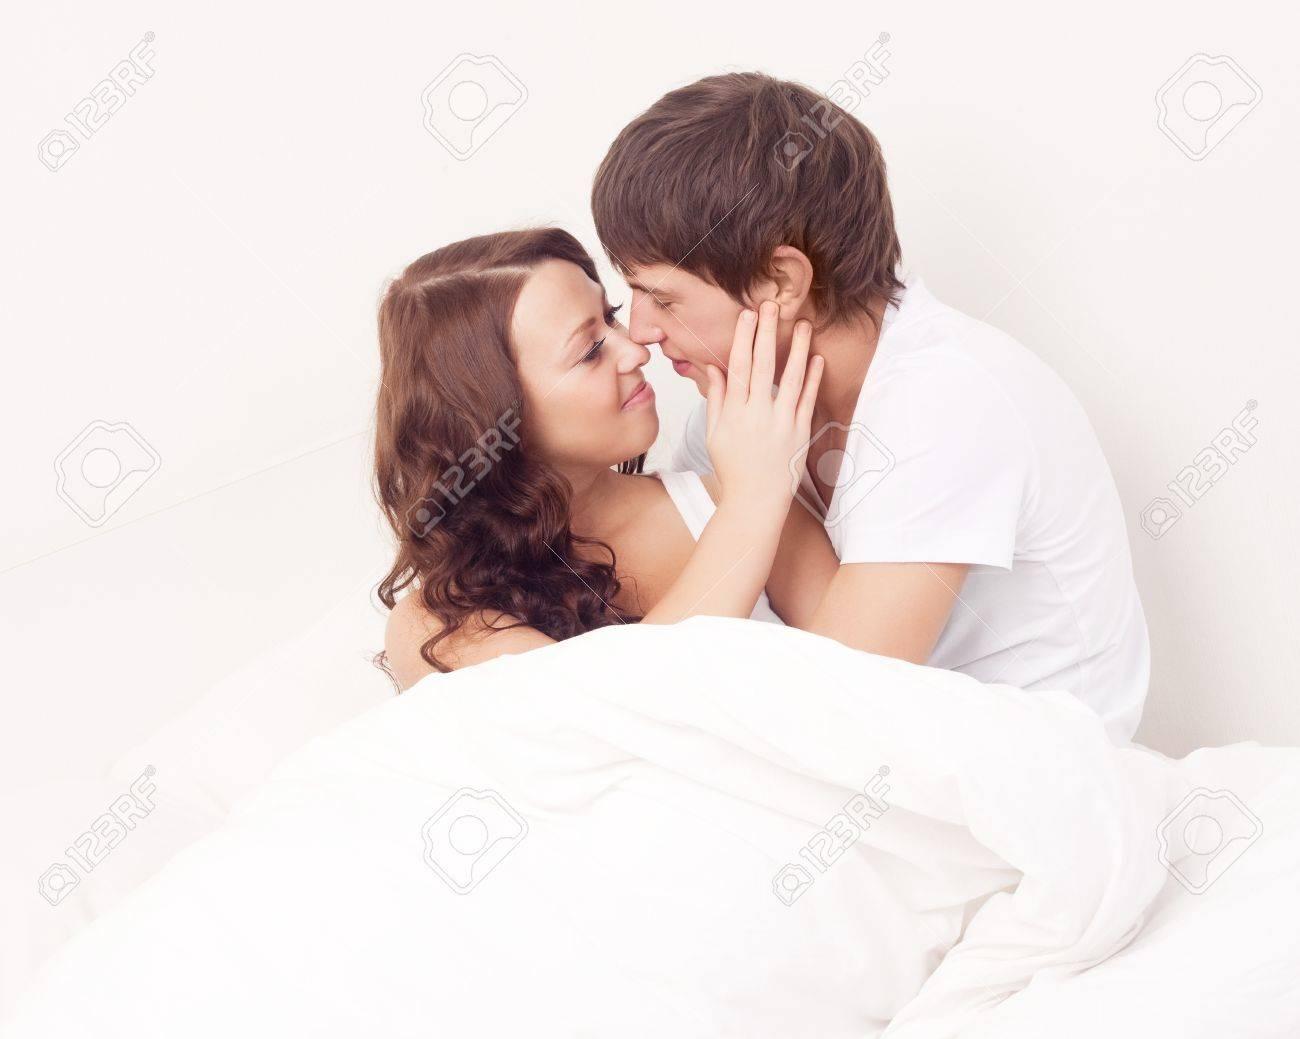 Фото жены под одеялом 6 фотография